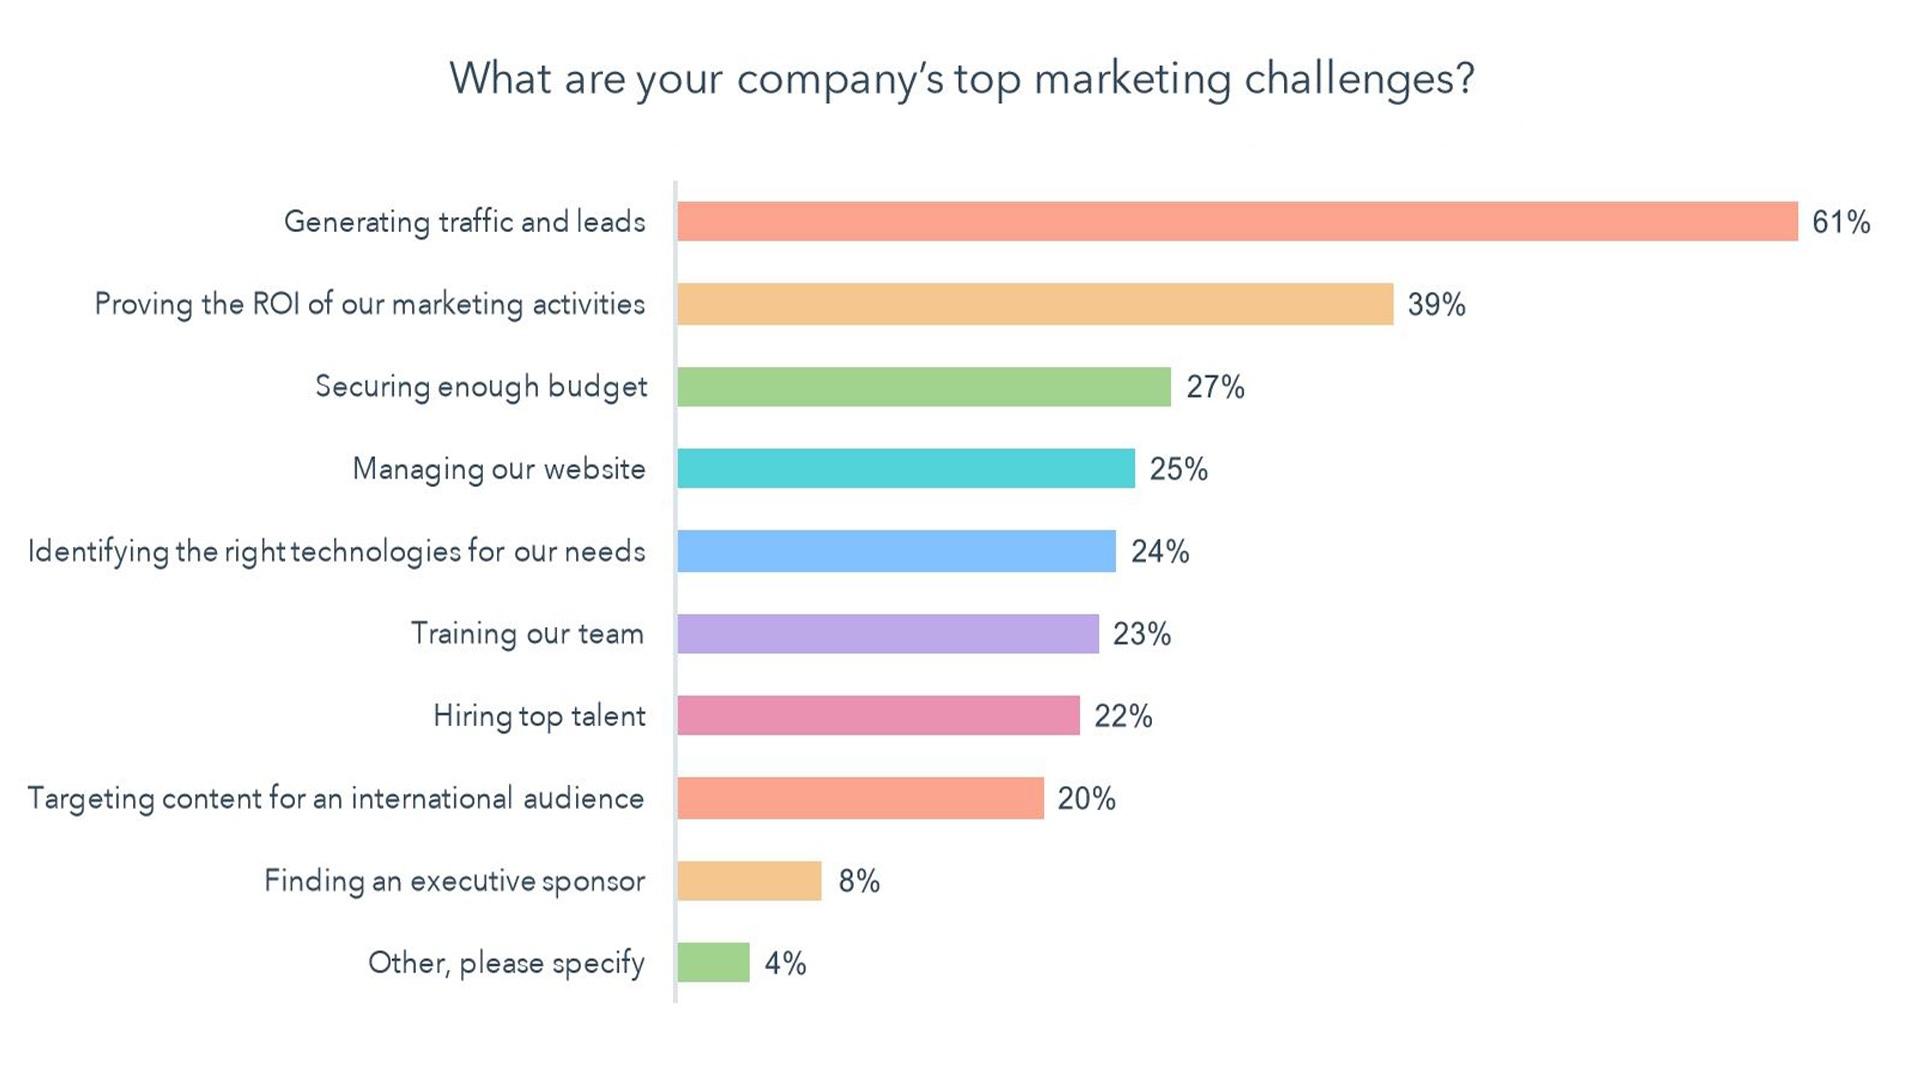 Le sfide di marketing che affrontano le imprese